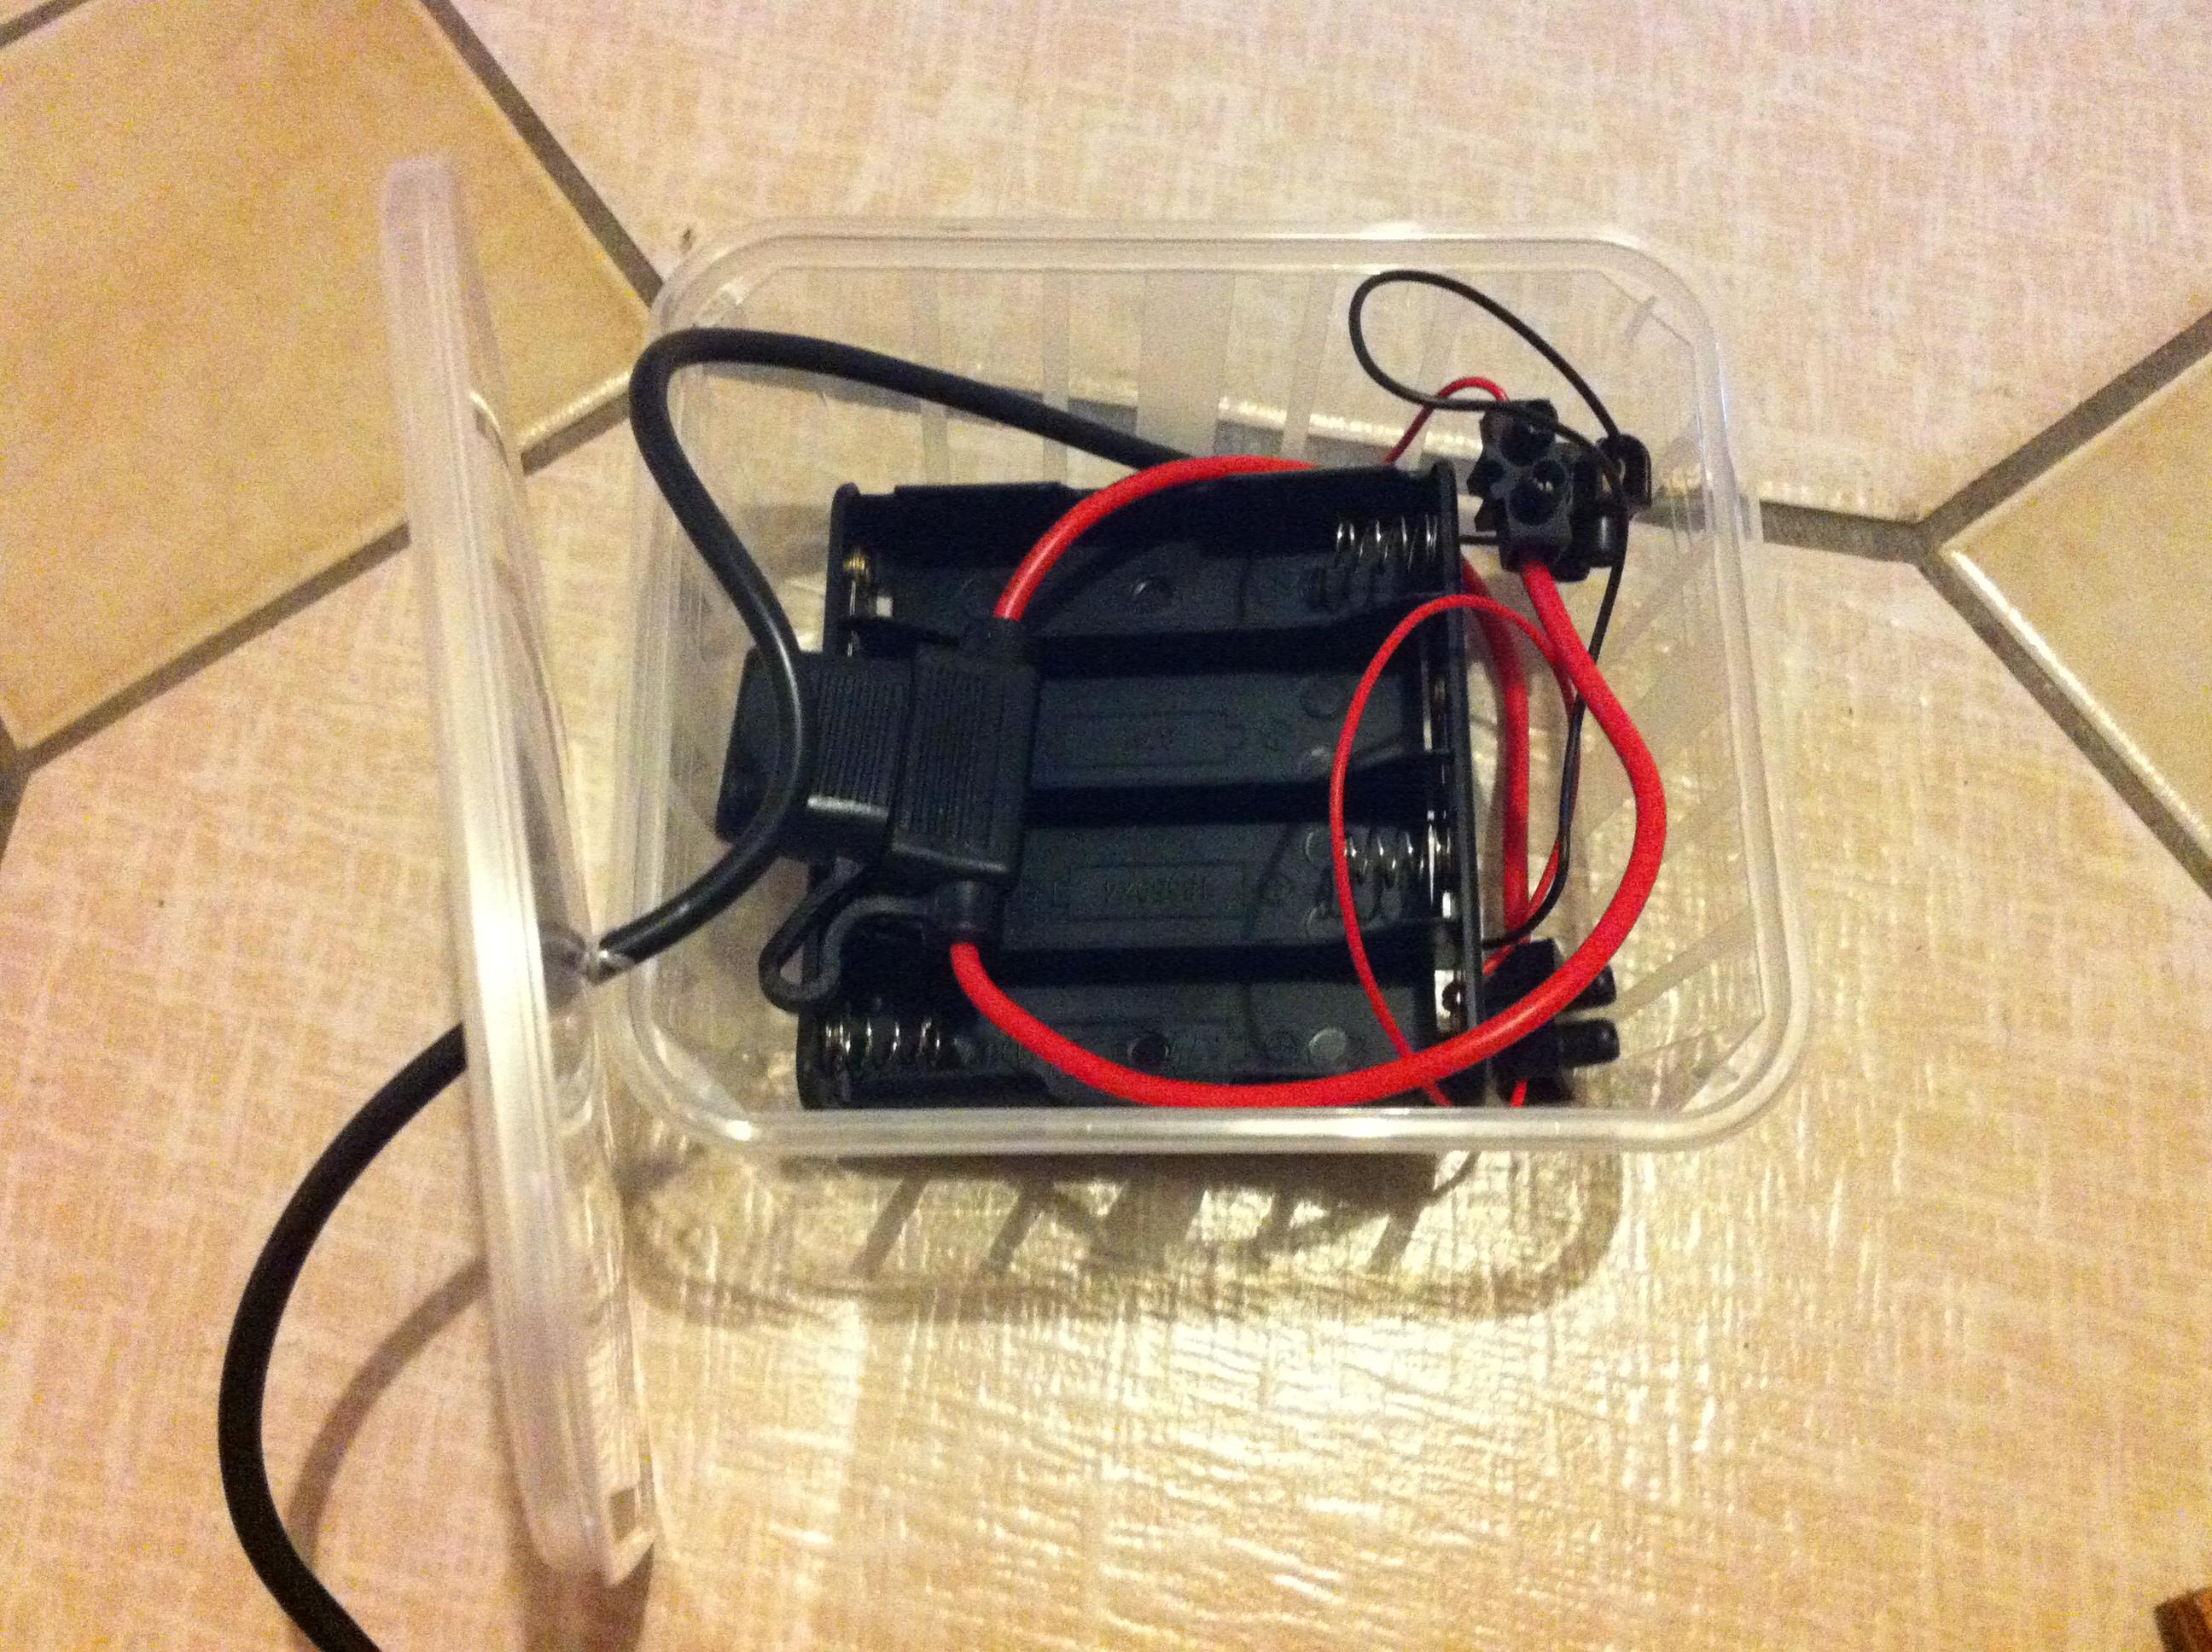 batterie pour echo sondeur + achat sondeur - Page 2 847009IMG1199